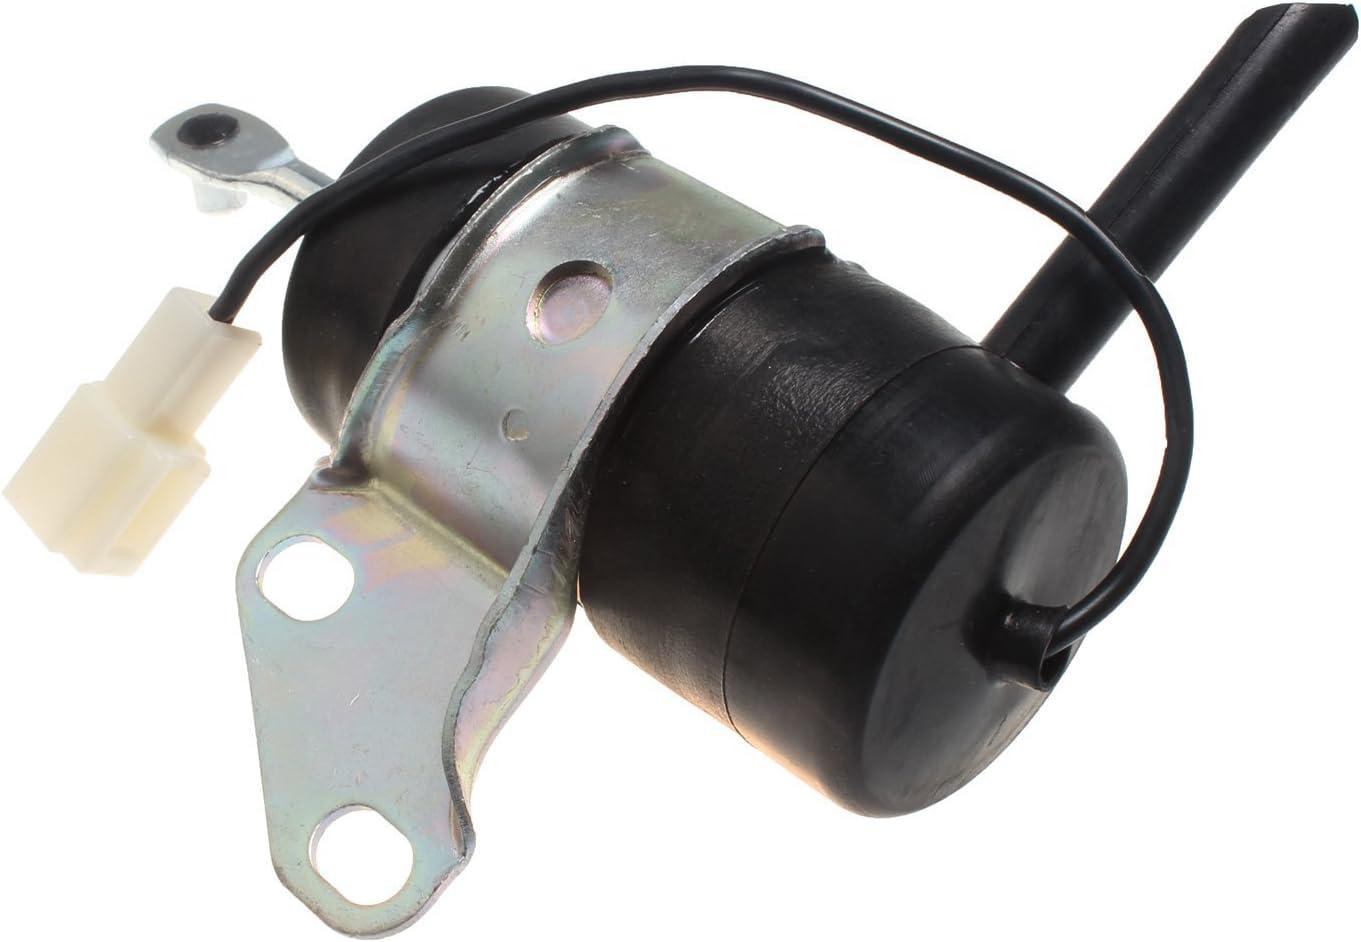 Fuel Shutoff Solenoid 6670776 Fits Fits Bobcat 453 MT55 320 322 E08 E16